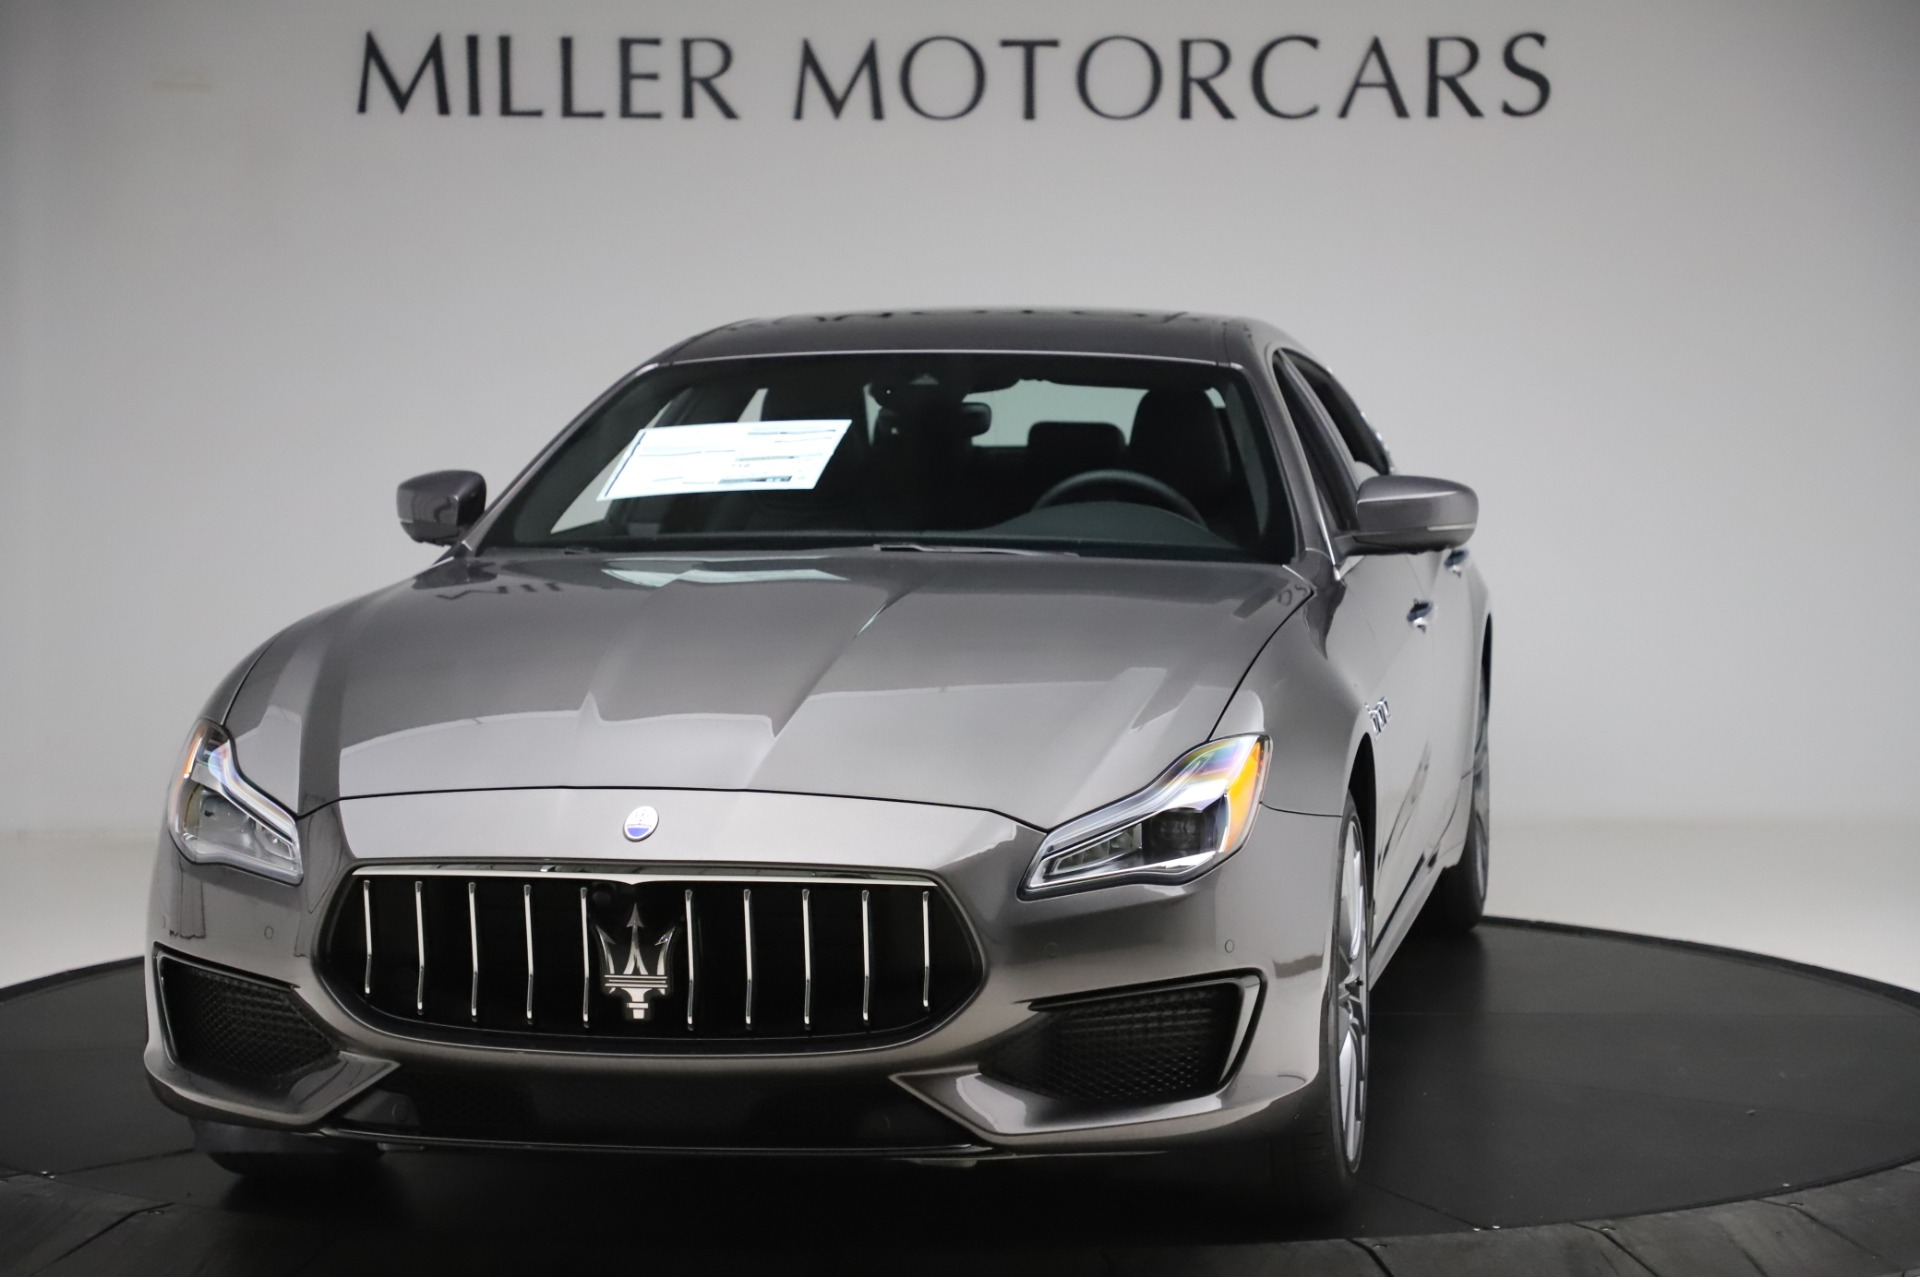 New 2020 Maserati Quattroporte S Q4 GranSport for sale $125,085 at Bugatti of Greenwich in Greenwich CT 06830 1